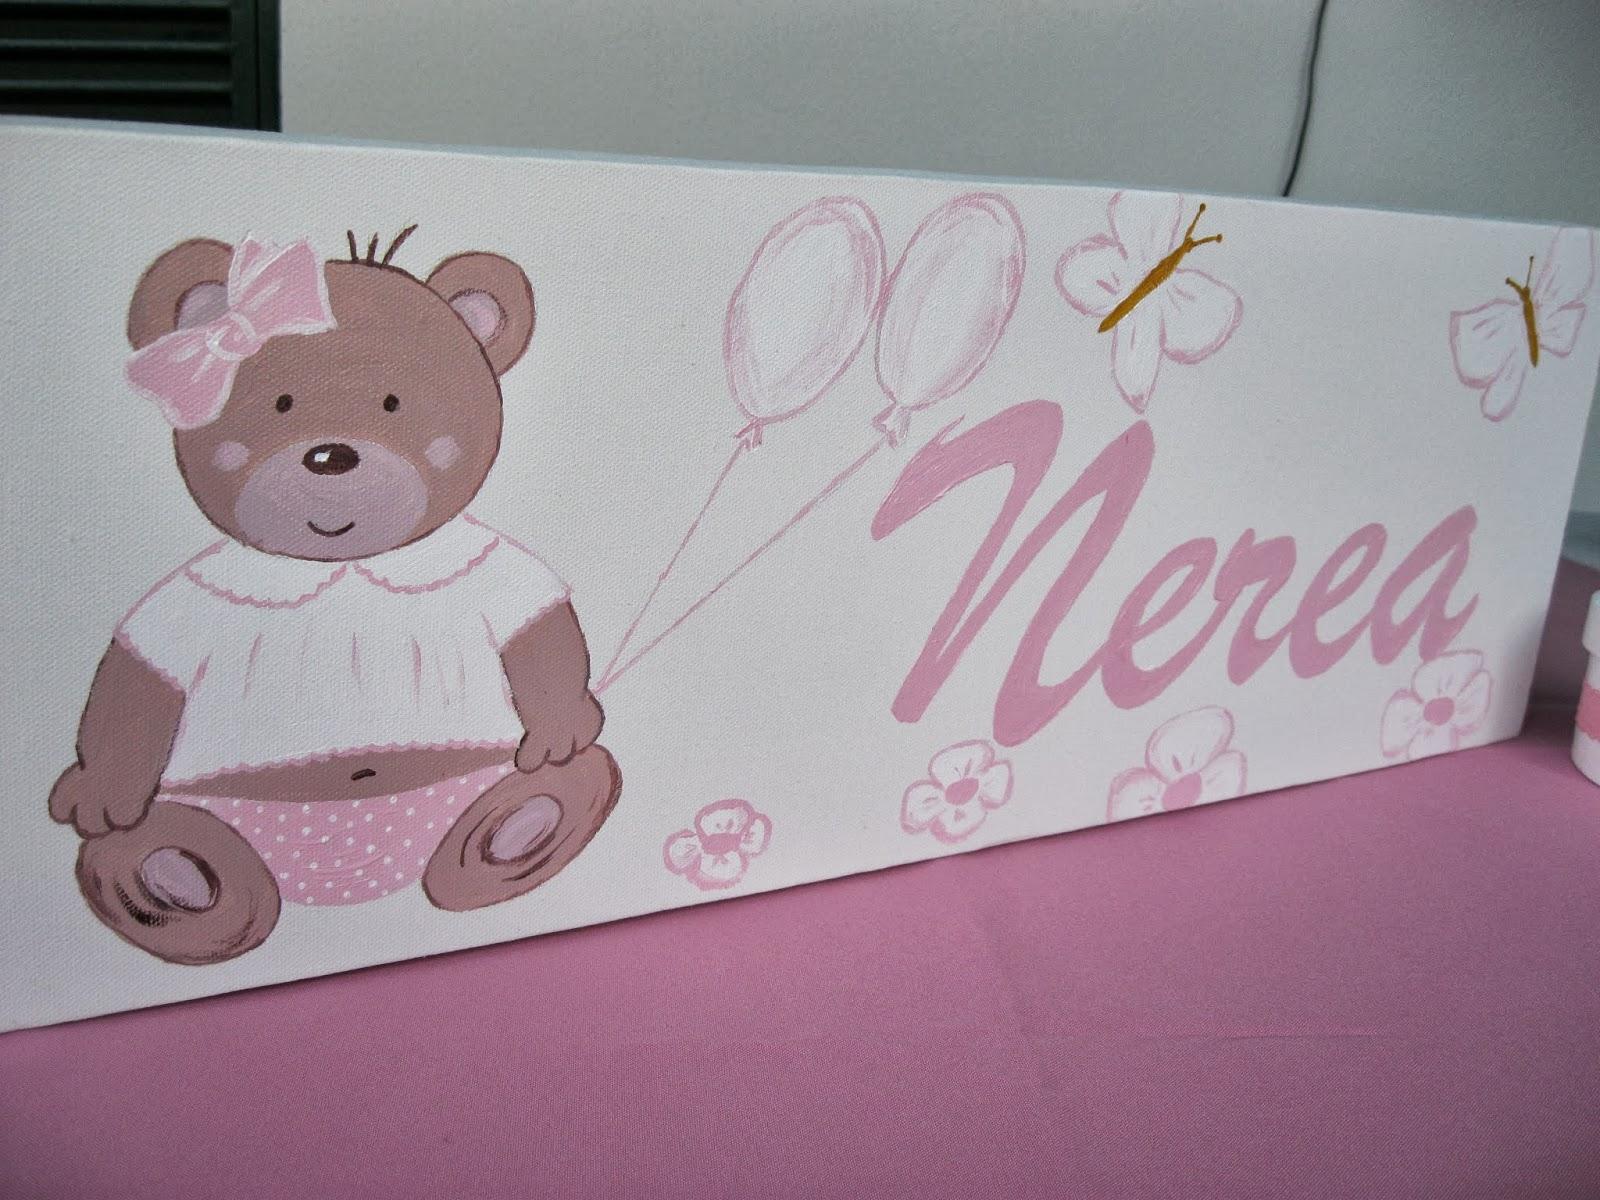 Peque decora cuadros infantiles personalizados y pintados - Cuadros fotos personalizados ...